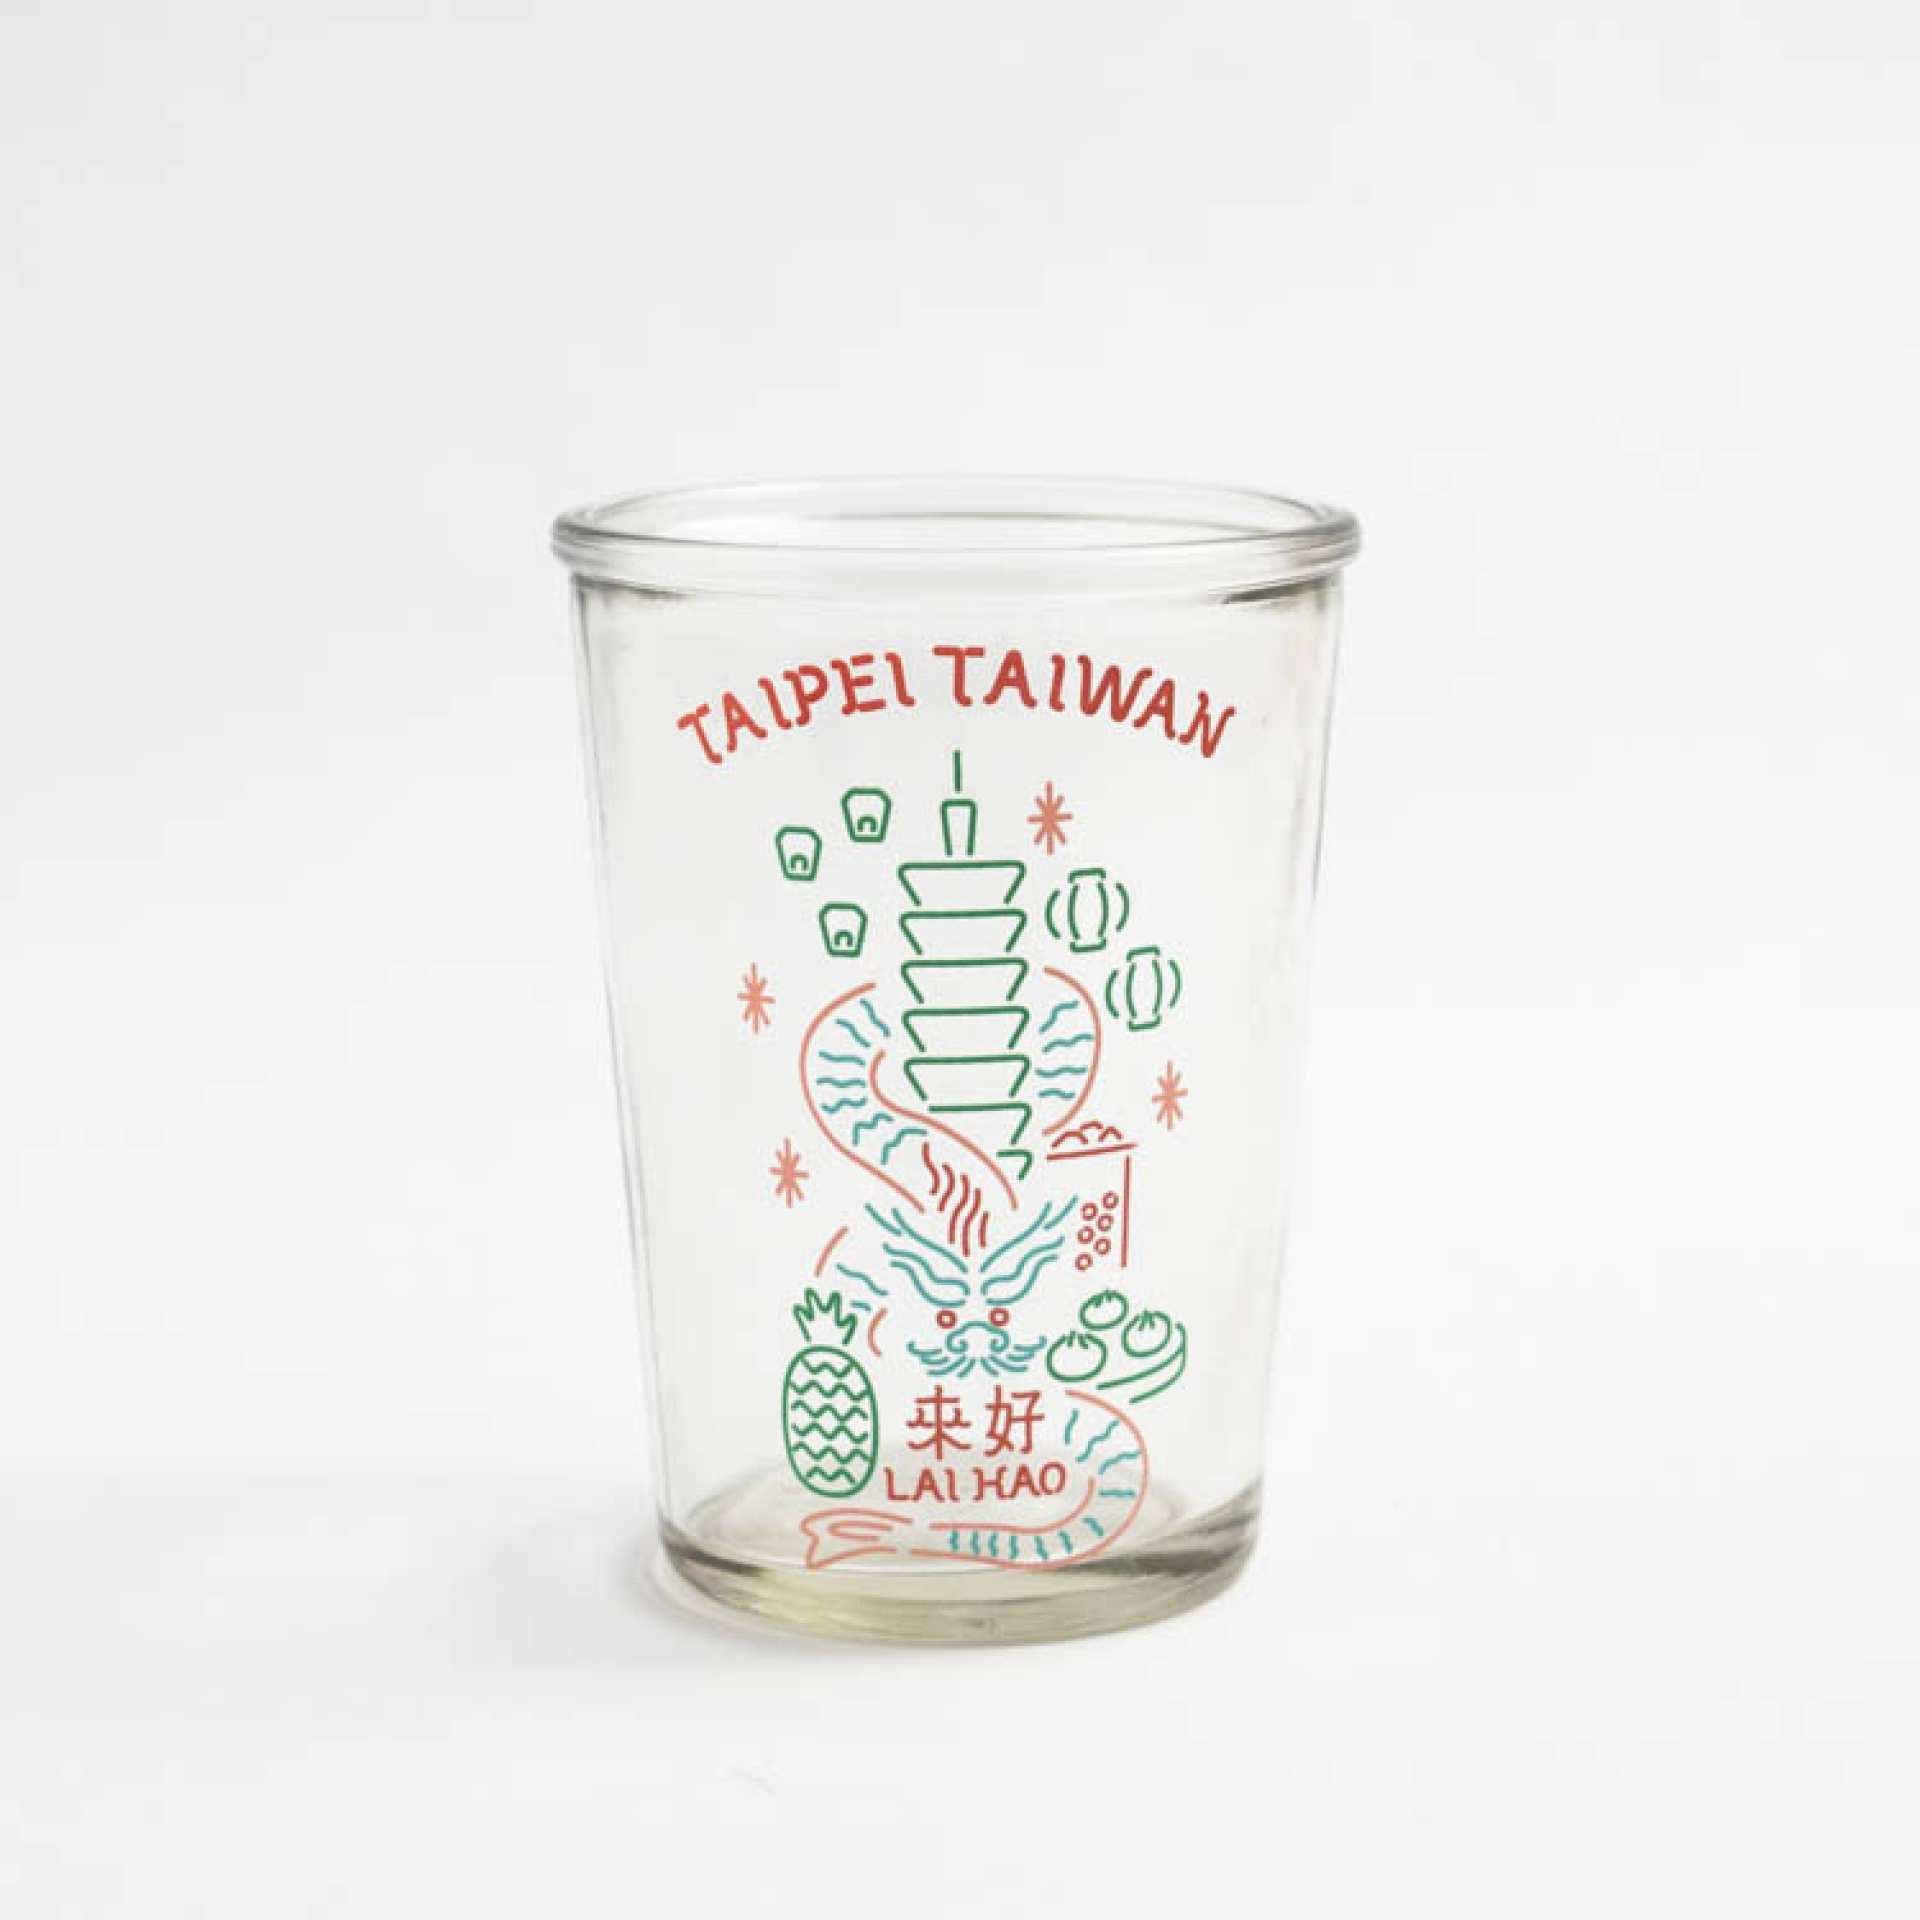 おうちで台湾|来好(ライハオ) 台湾ビールグラス|日本国内配送|送料無料